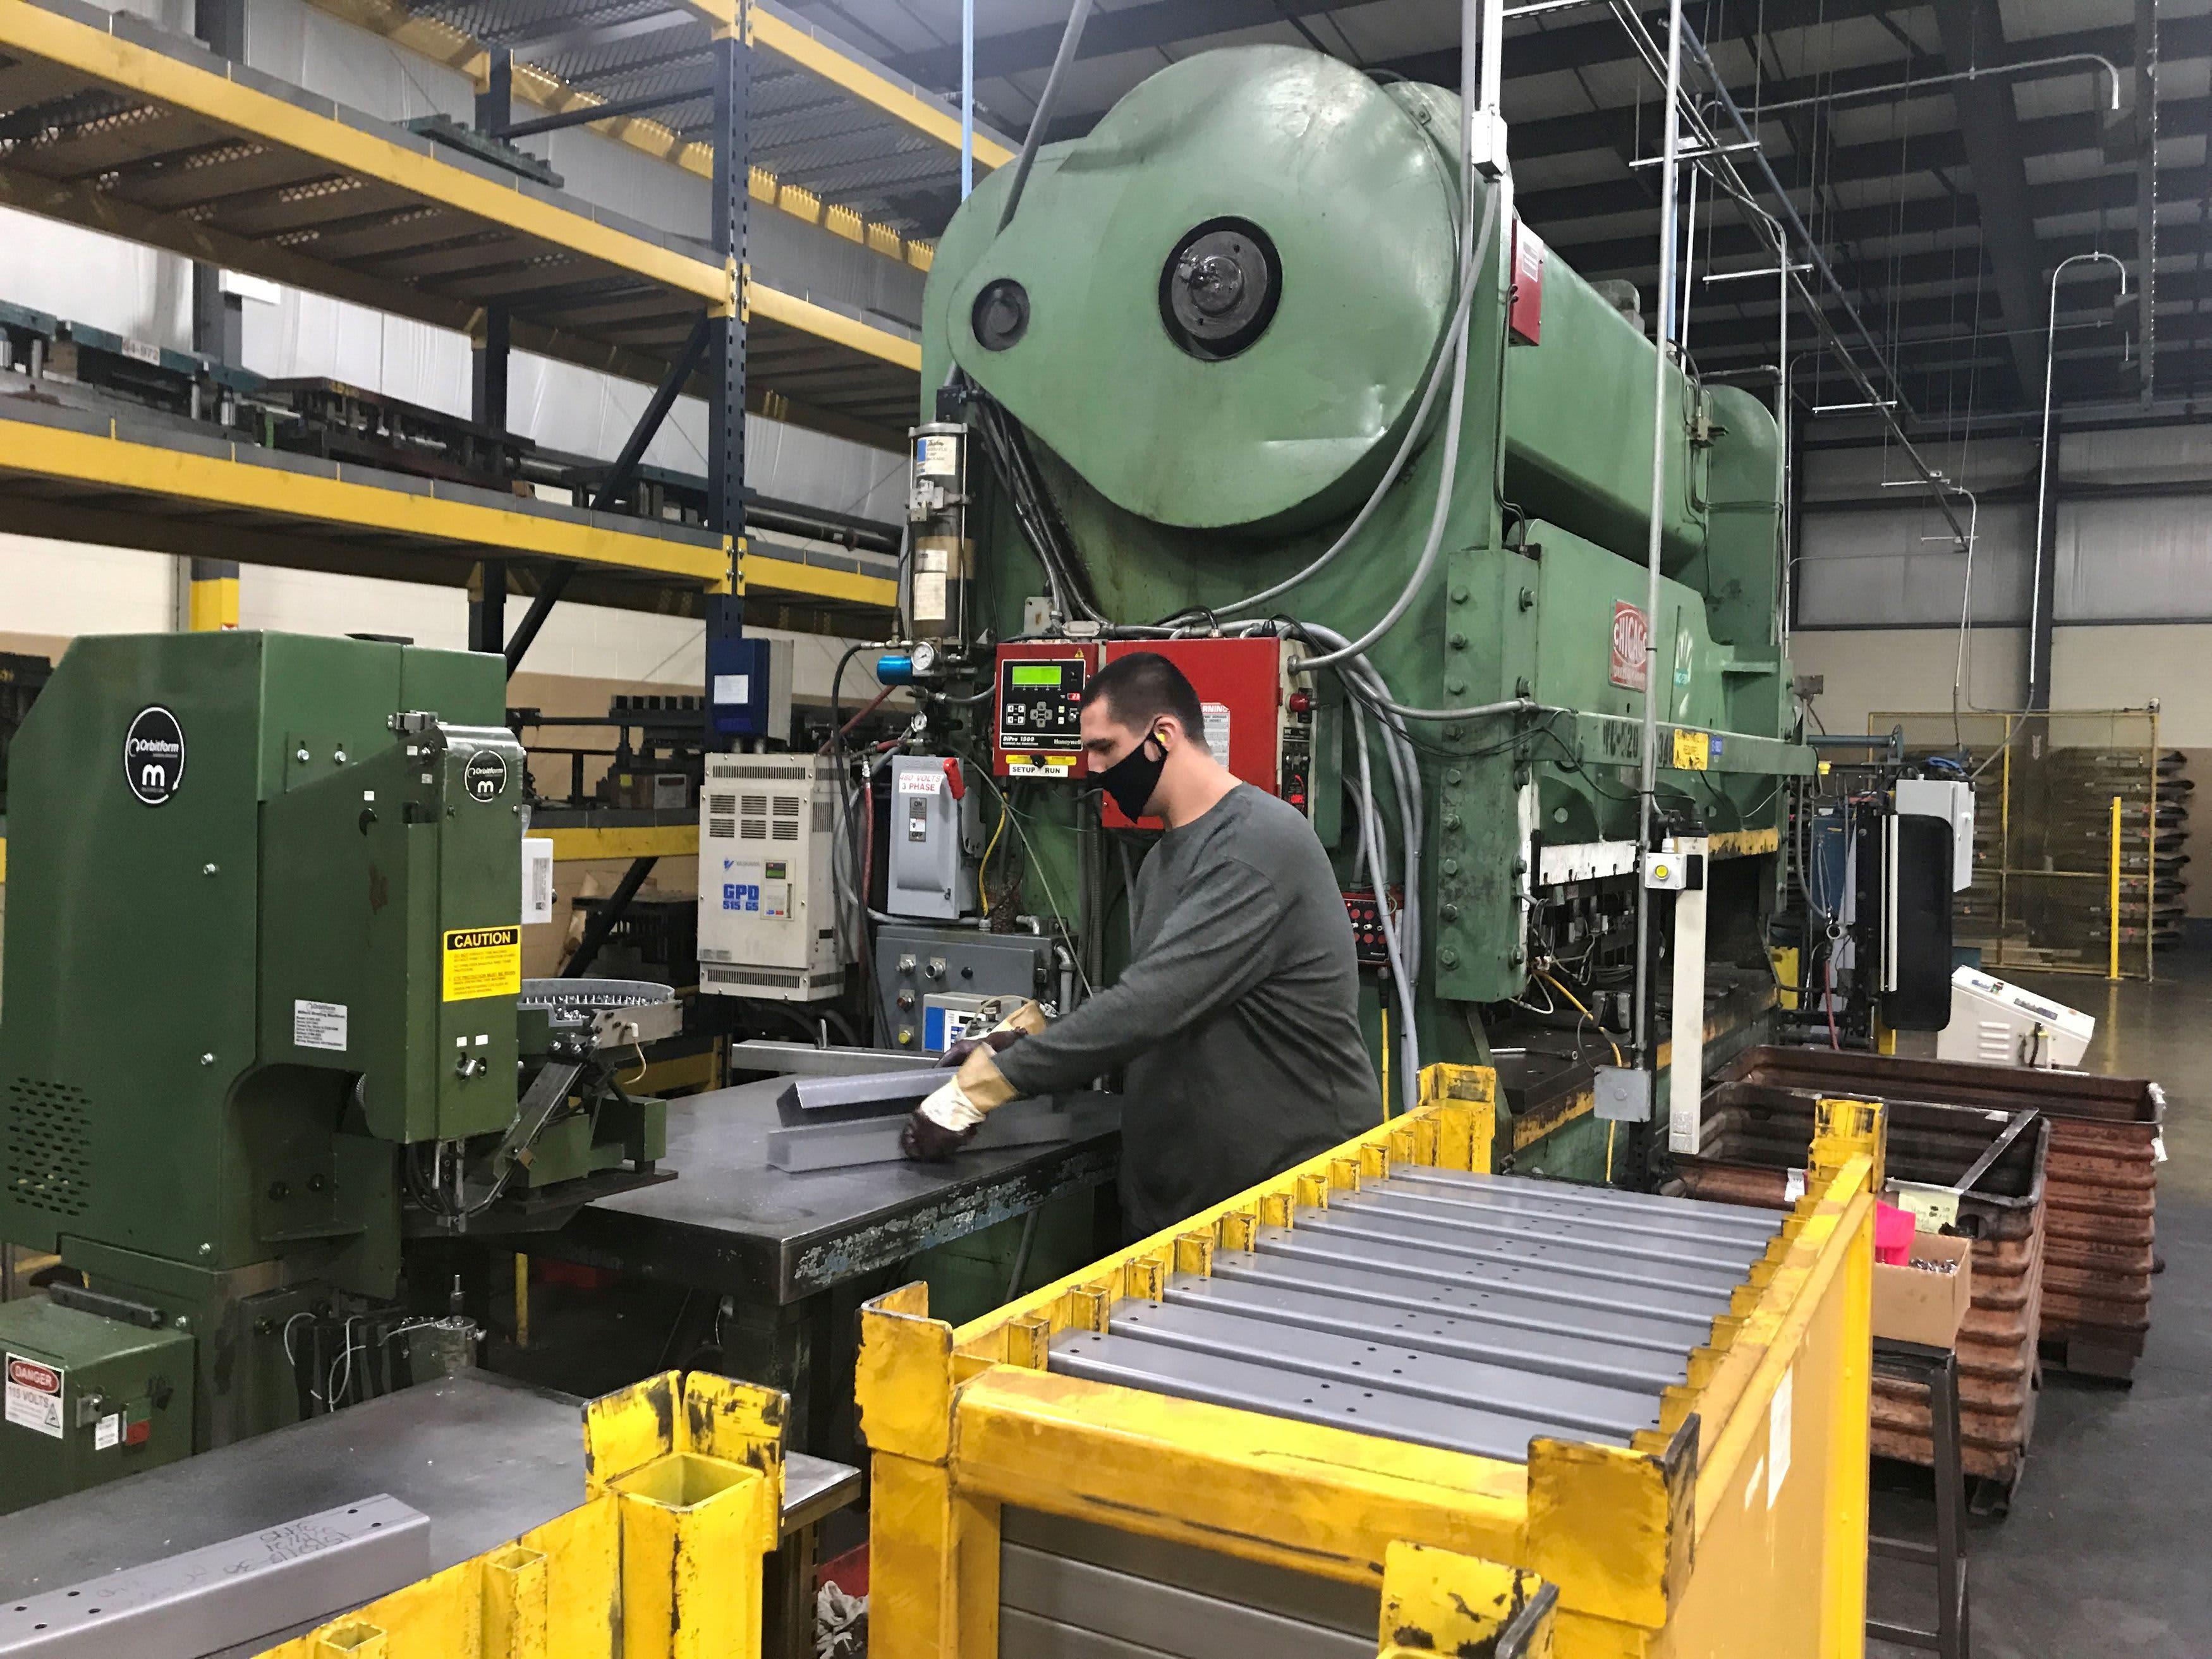 El auge de la fabricación trae más señales de que la inflación se está acumulando rápidamente